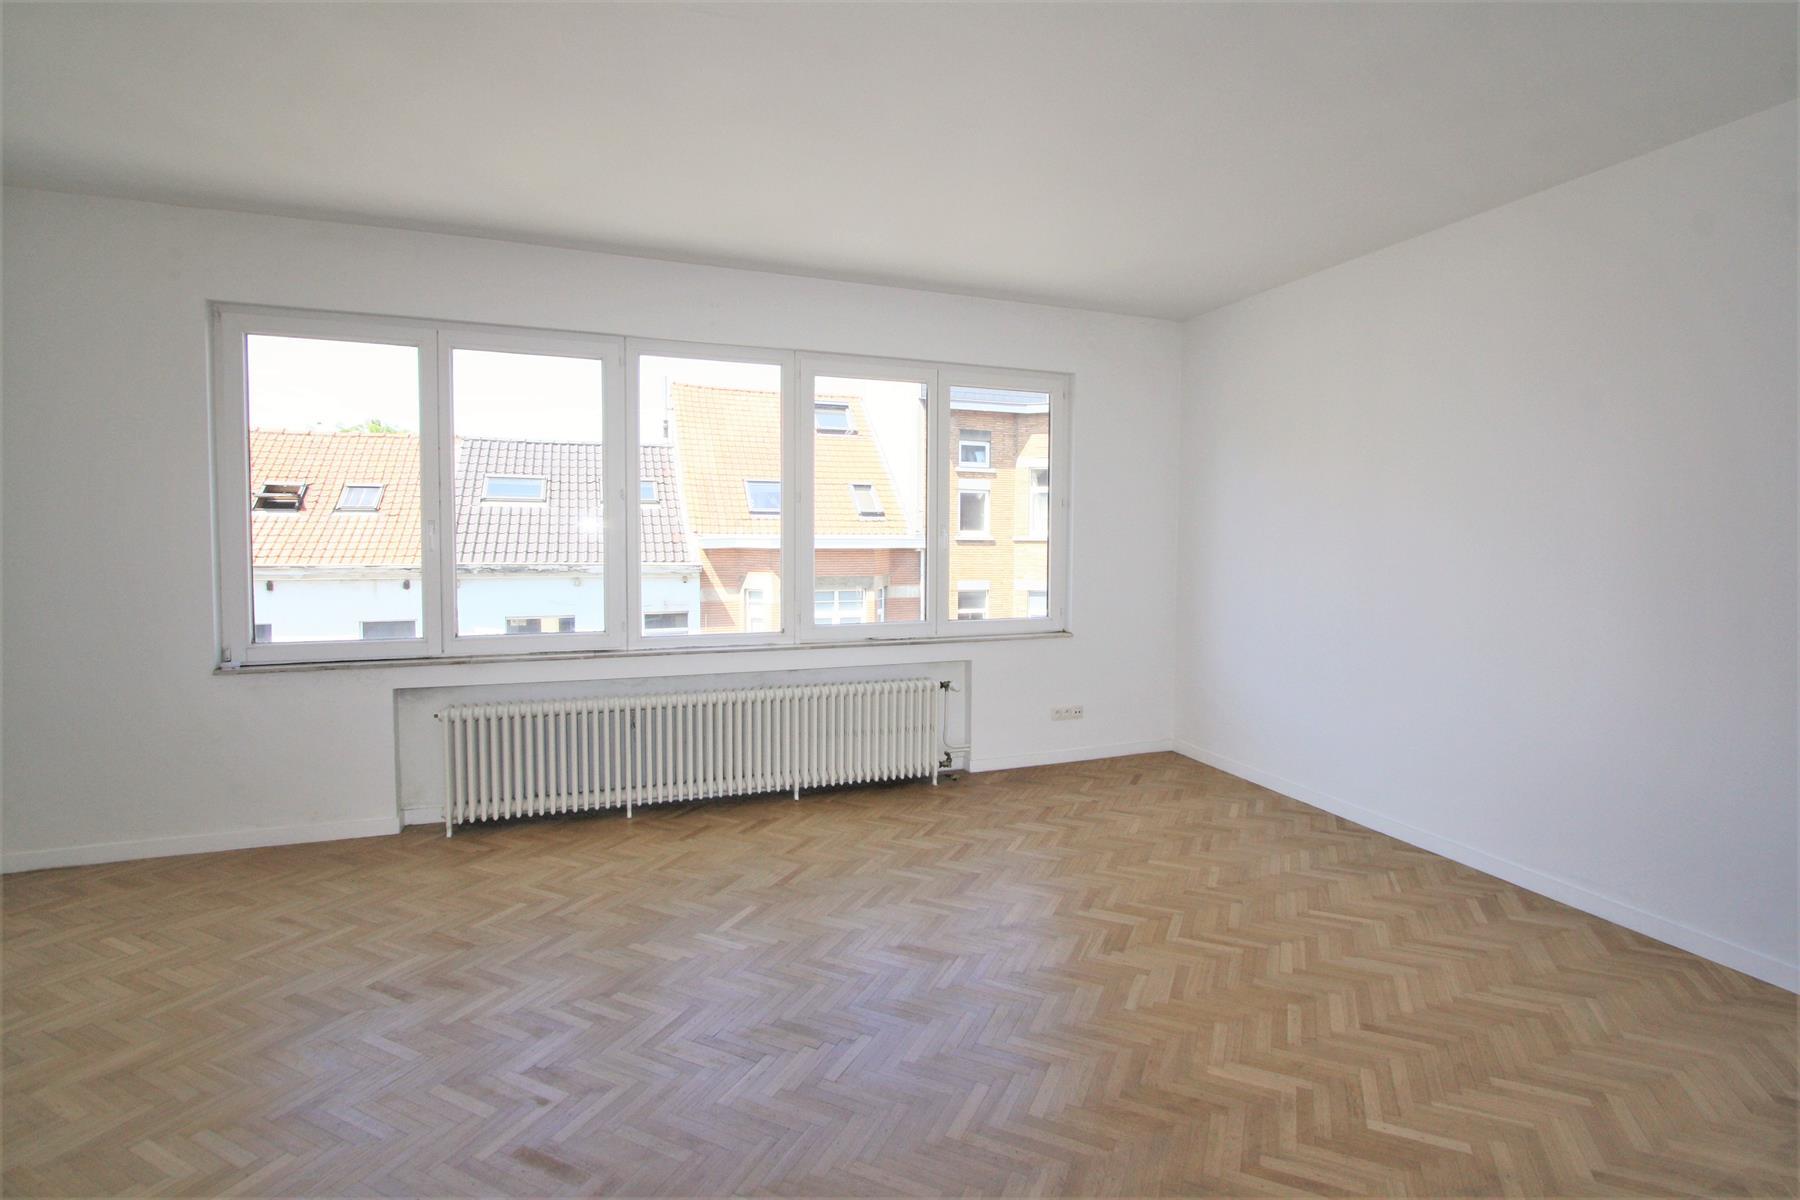 Appartement - Ixelles - #4370123-2